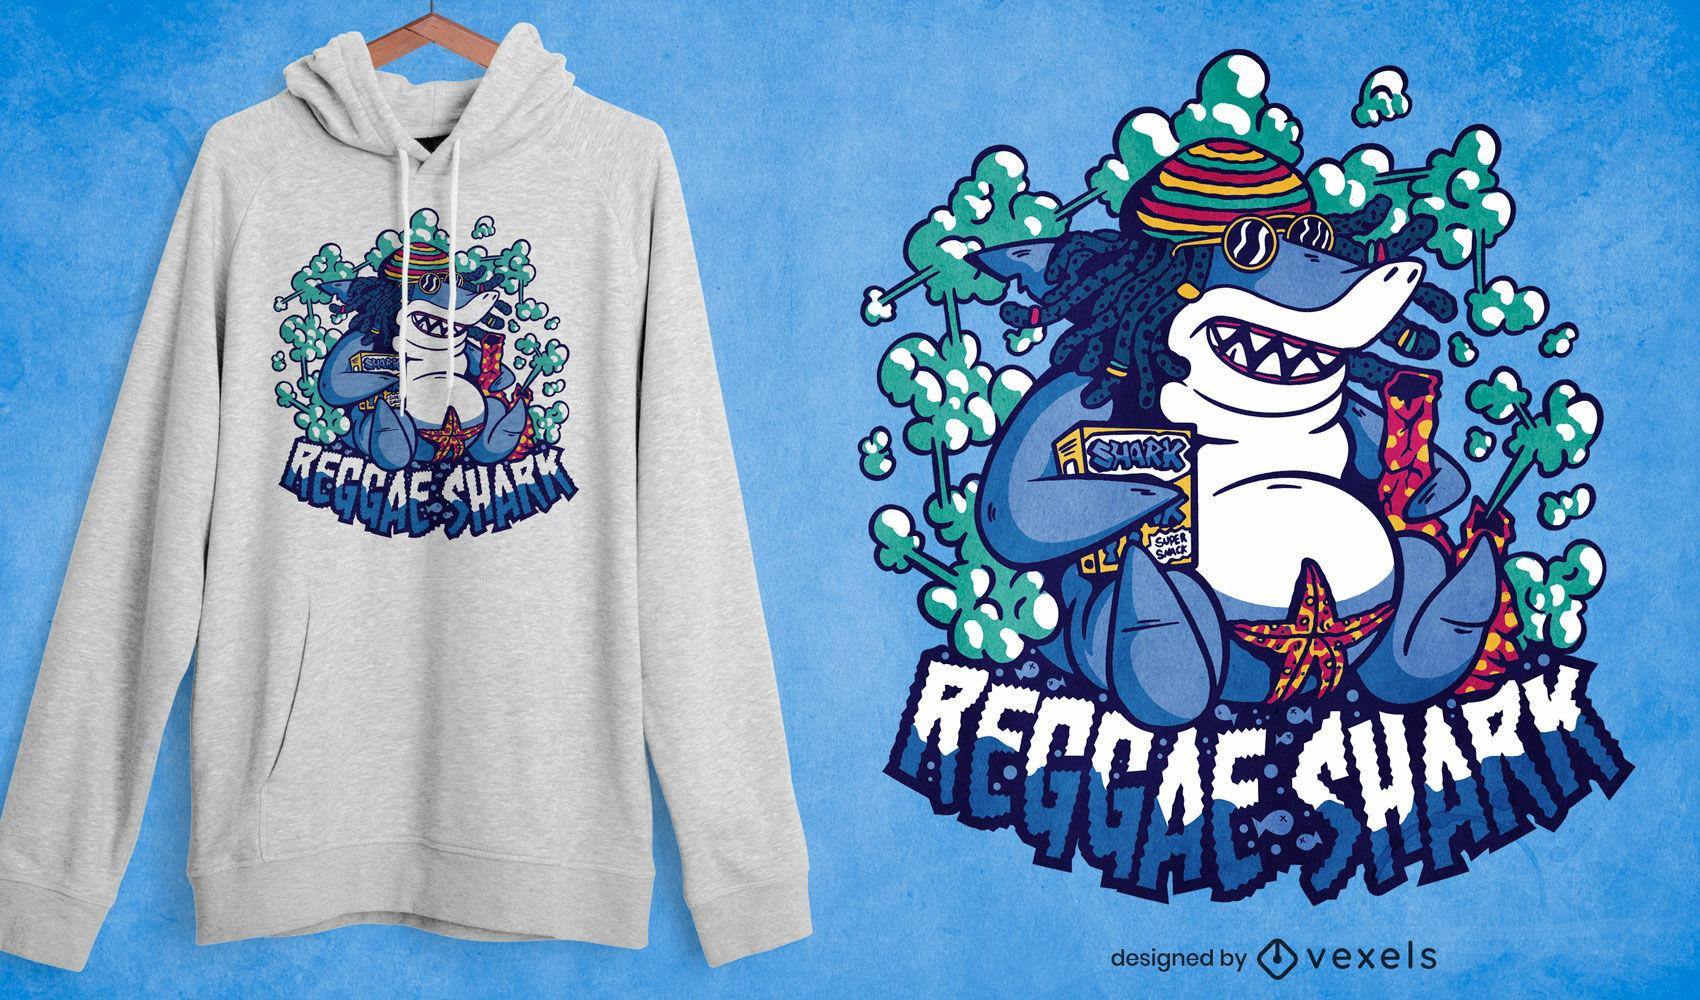 Reggae shark cartoon t-shirt design